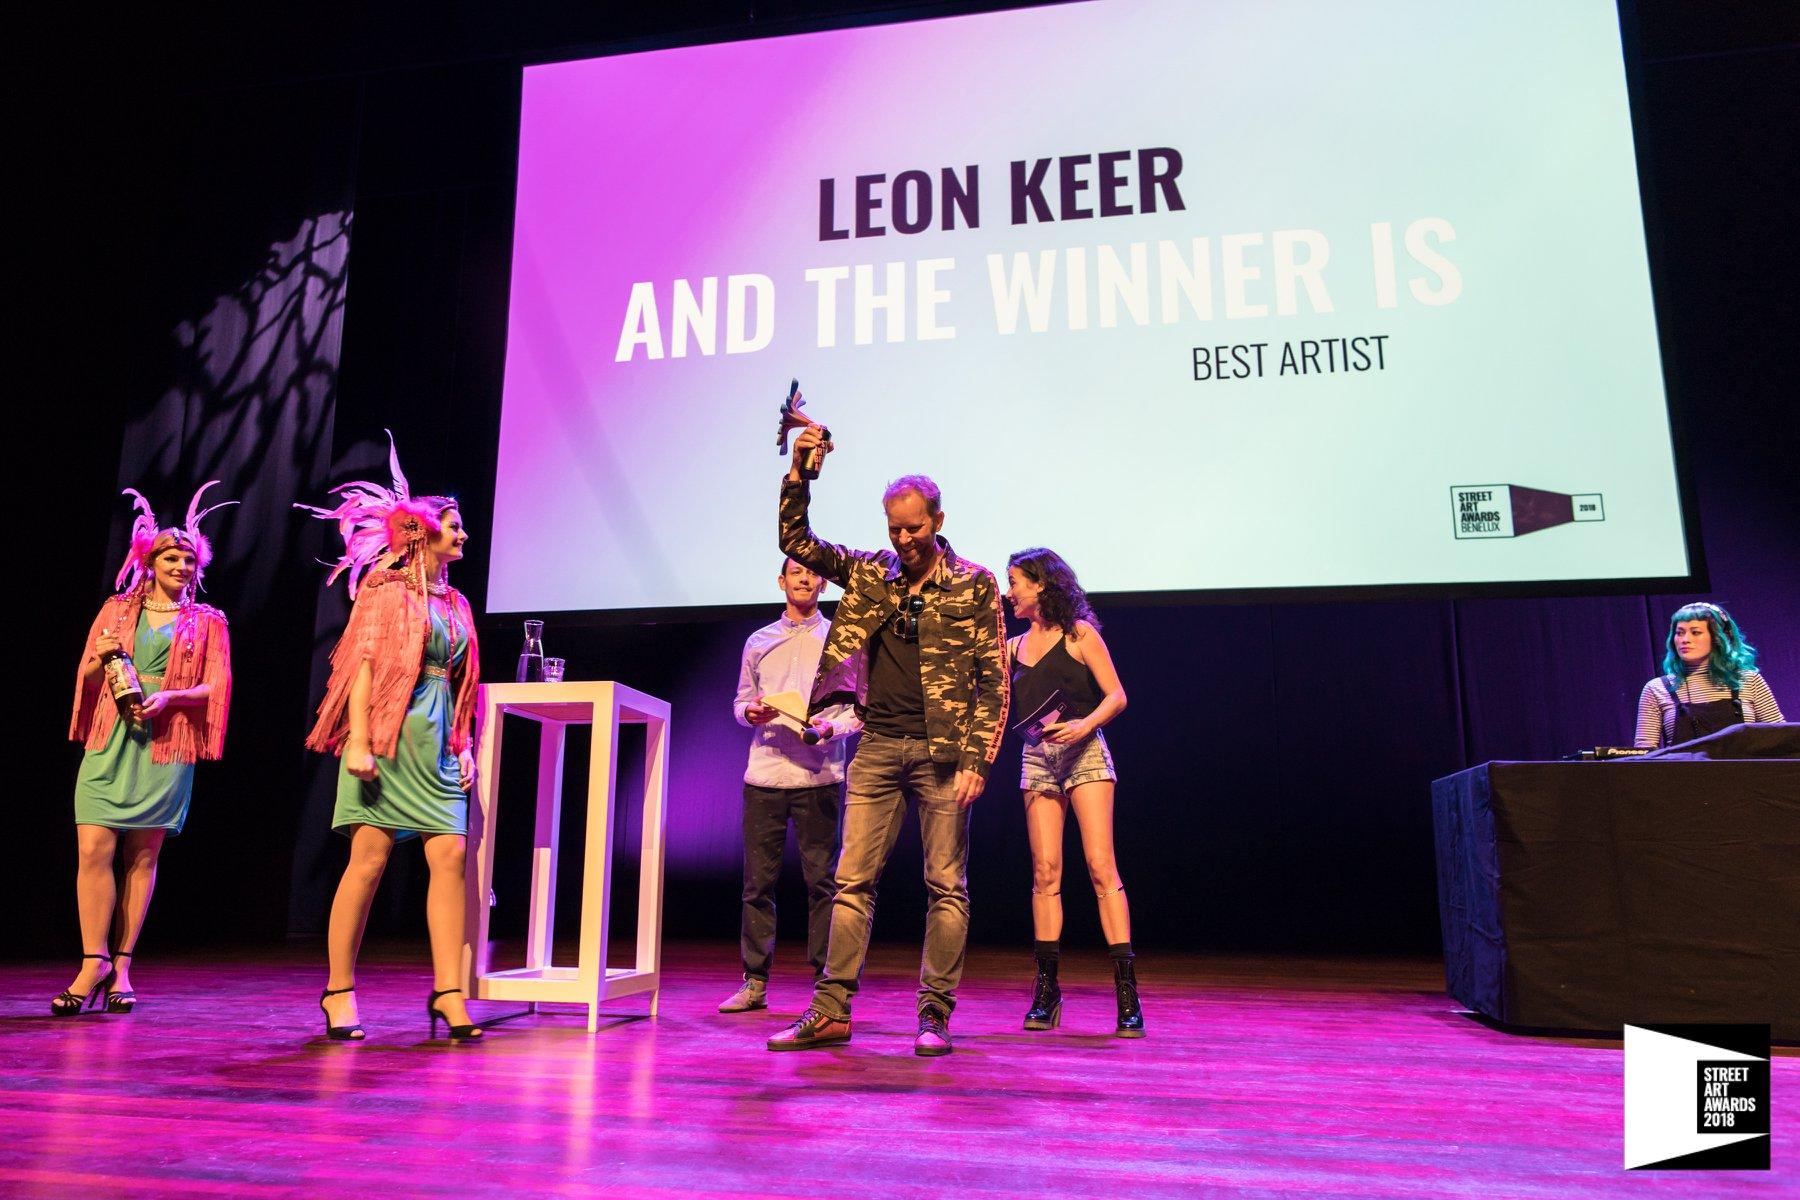 Winners Street Art Awards Benelux 2018